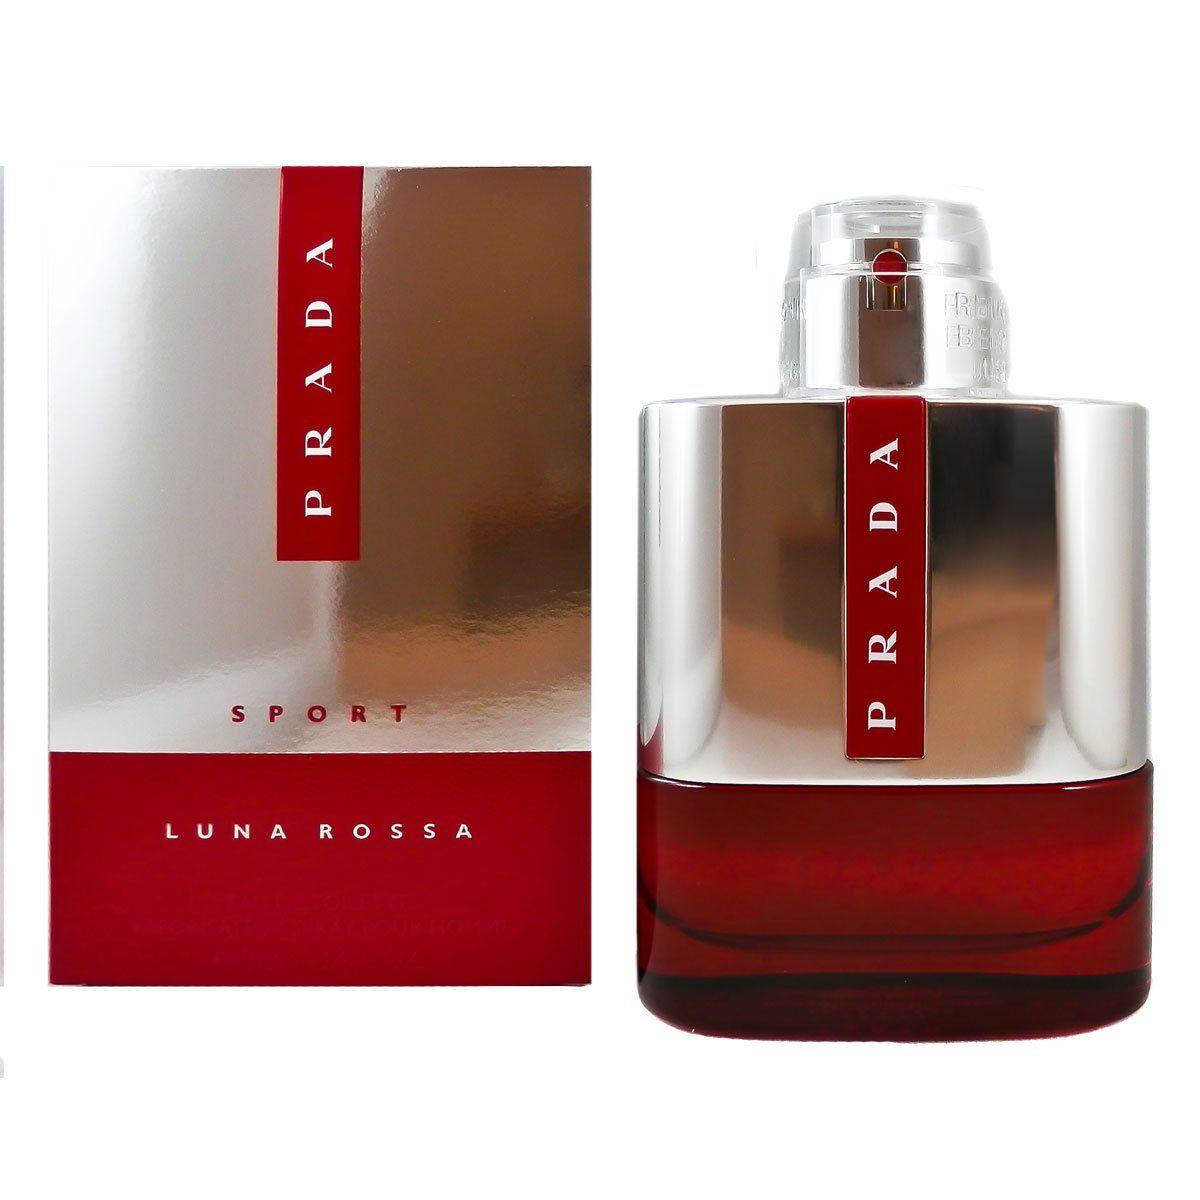 Prada Luna Rossa Sport eau de toilette Perfumes para